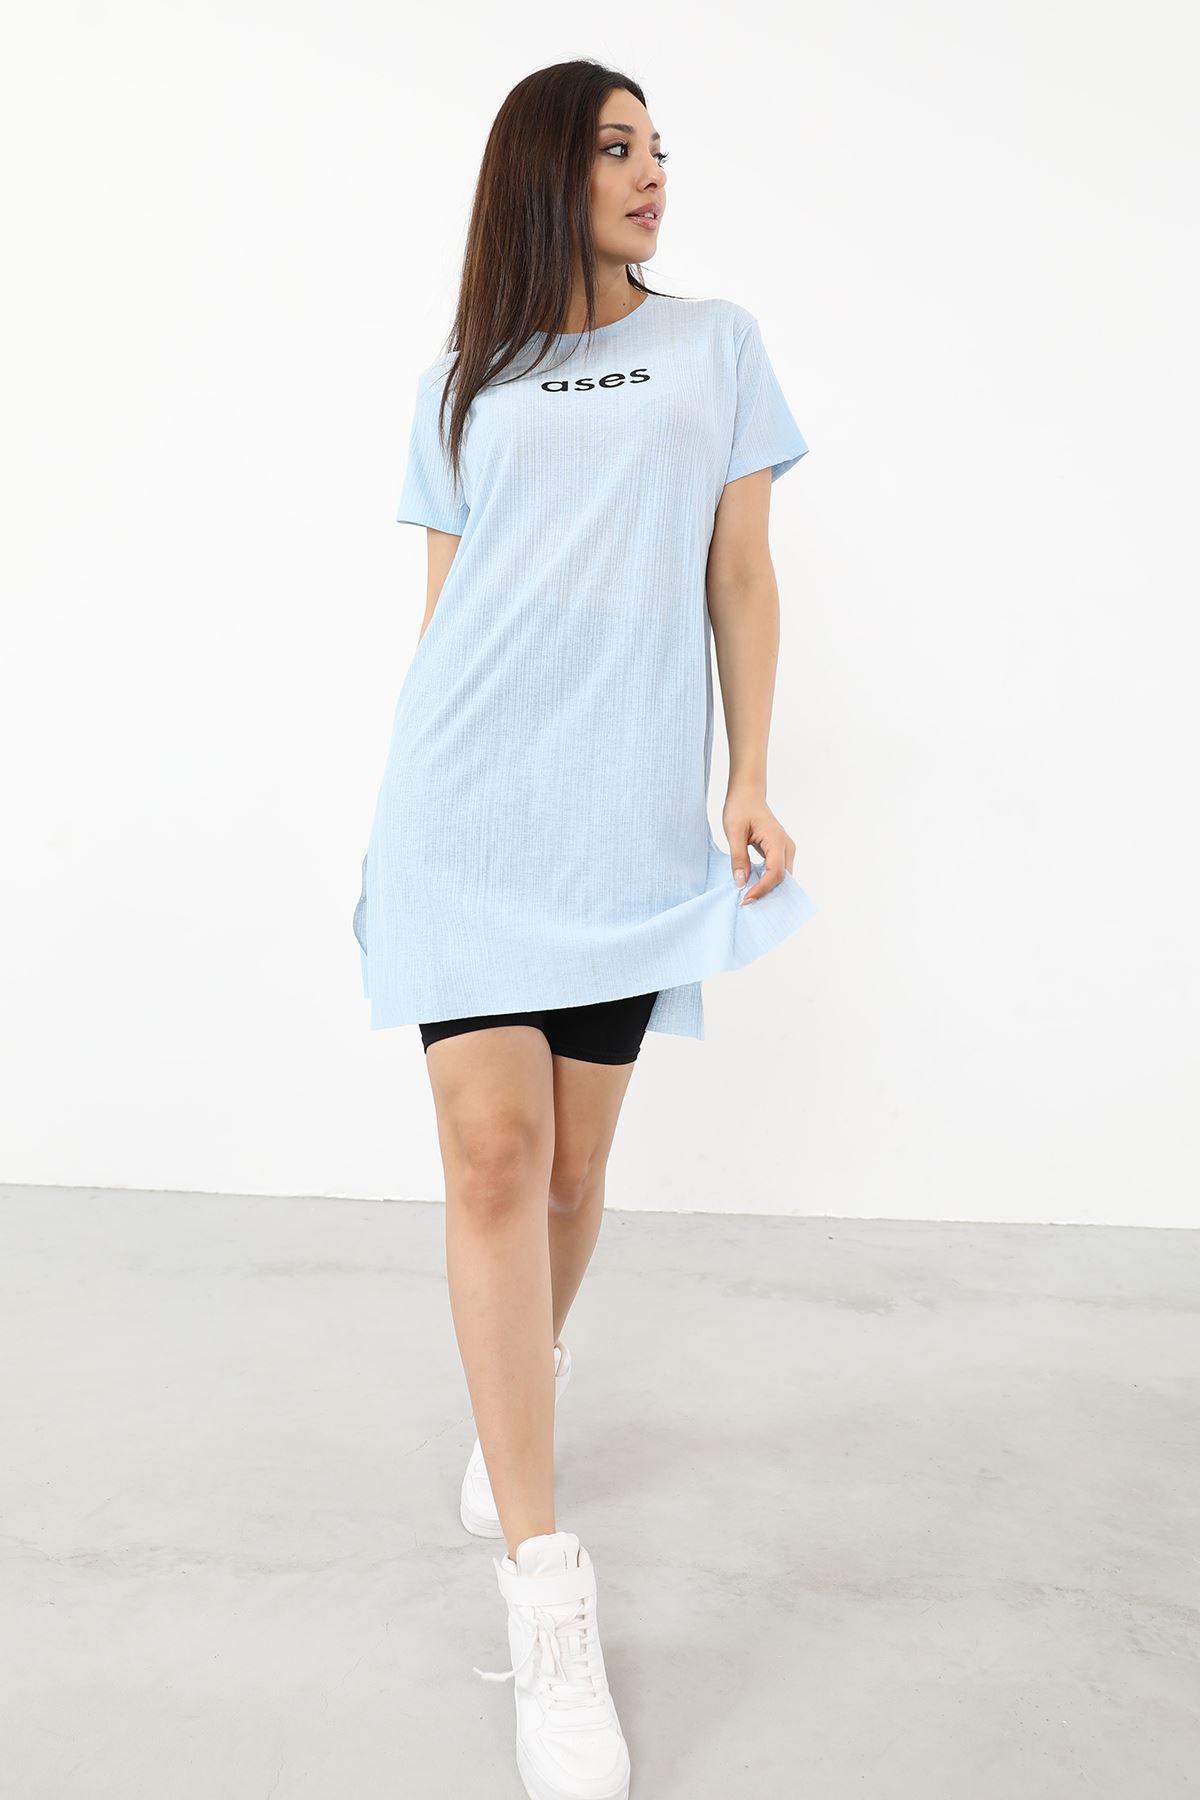 Ases Baskılı T-shirt-Bebemavi